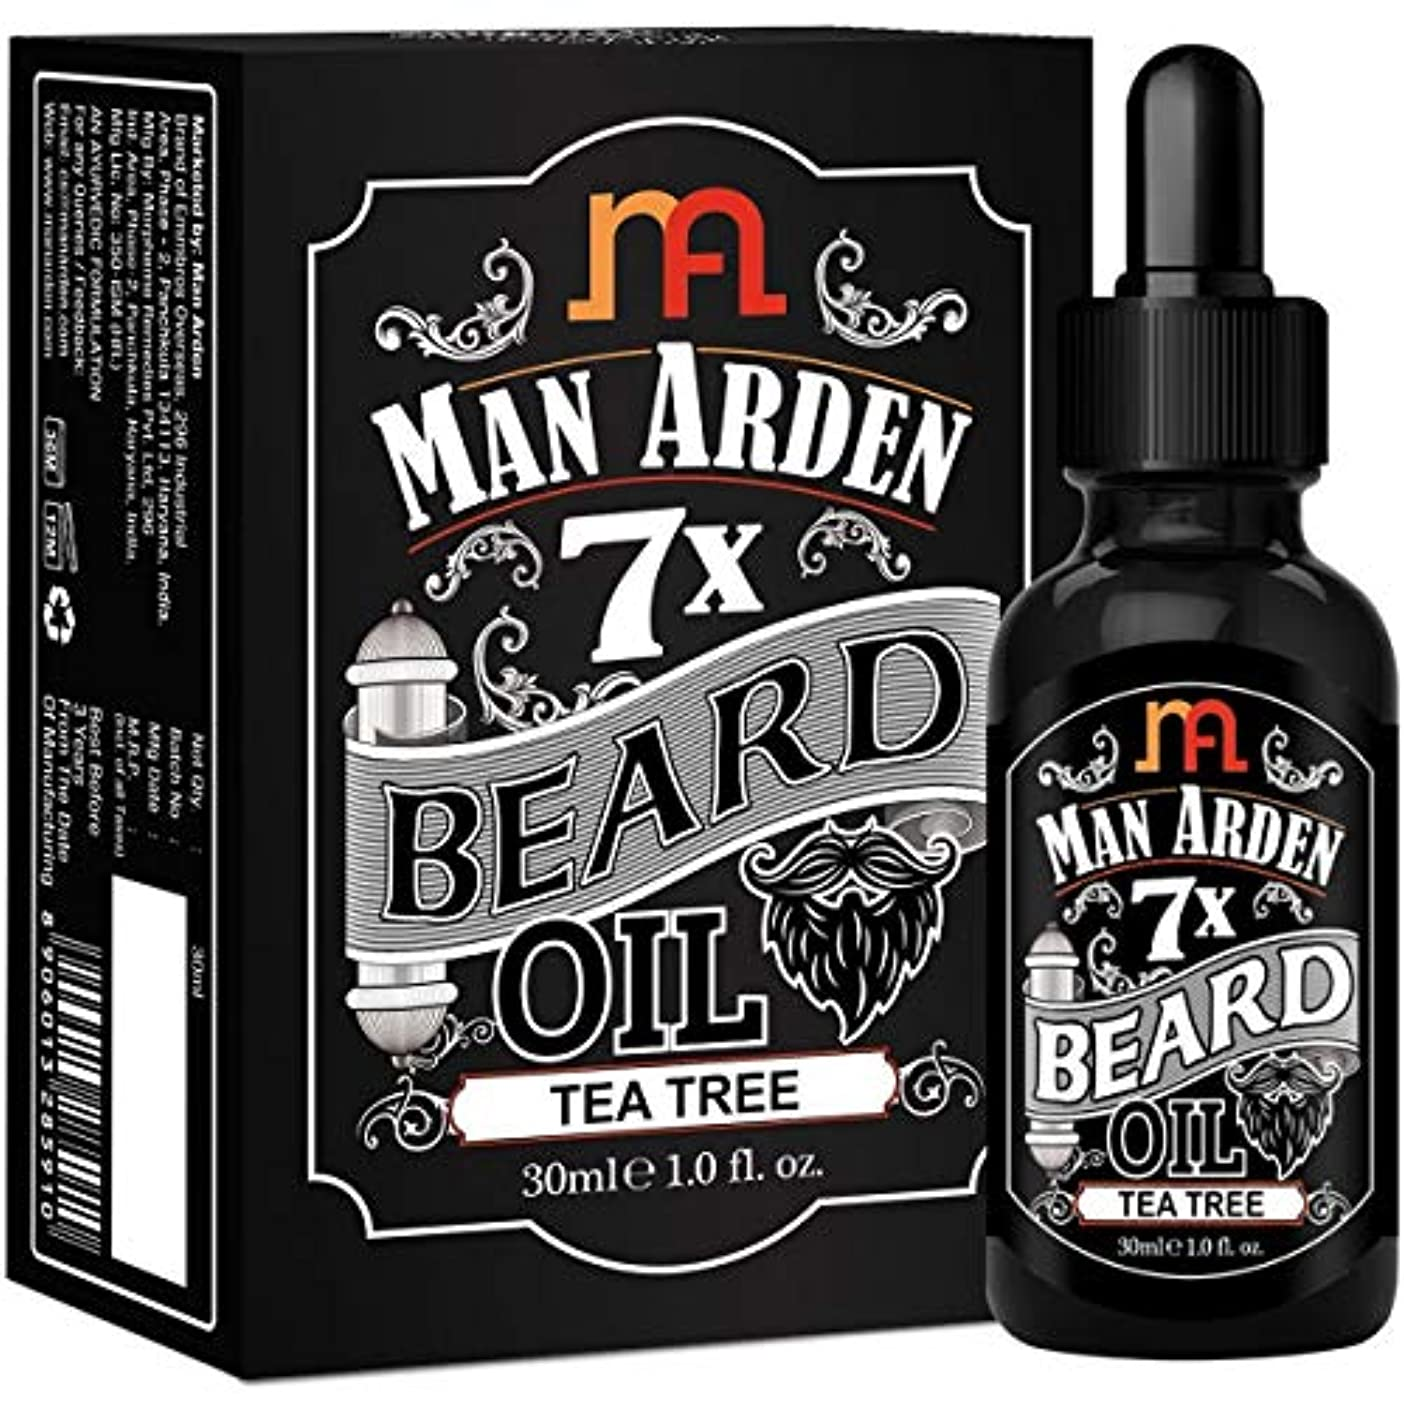 急いでのホスト本当にMan Arden 7X Beard Oil 30ml (Tea Tree) - 7 Premium Oils Blend For Beard Growth & Nourishment